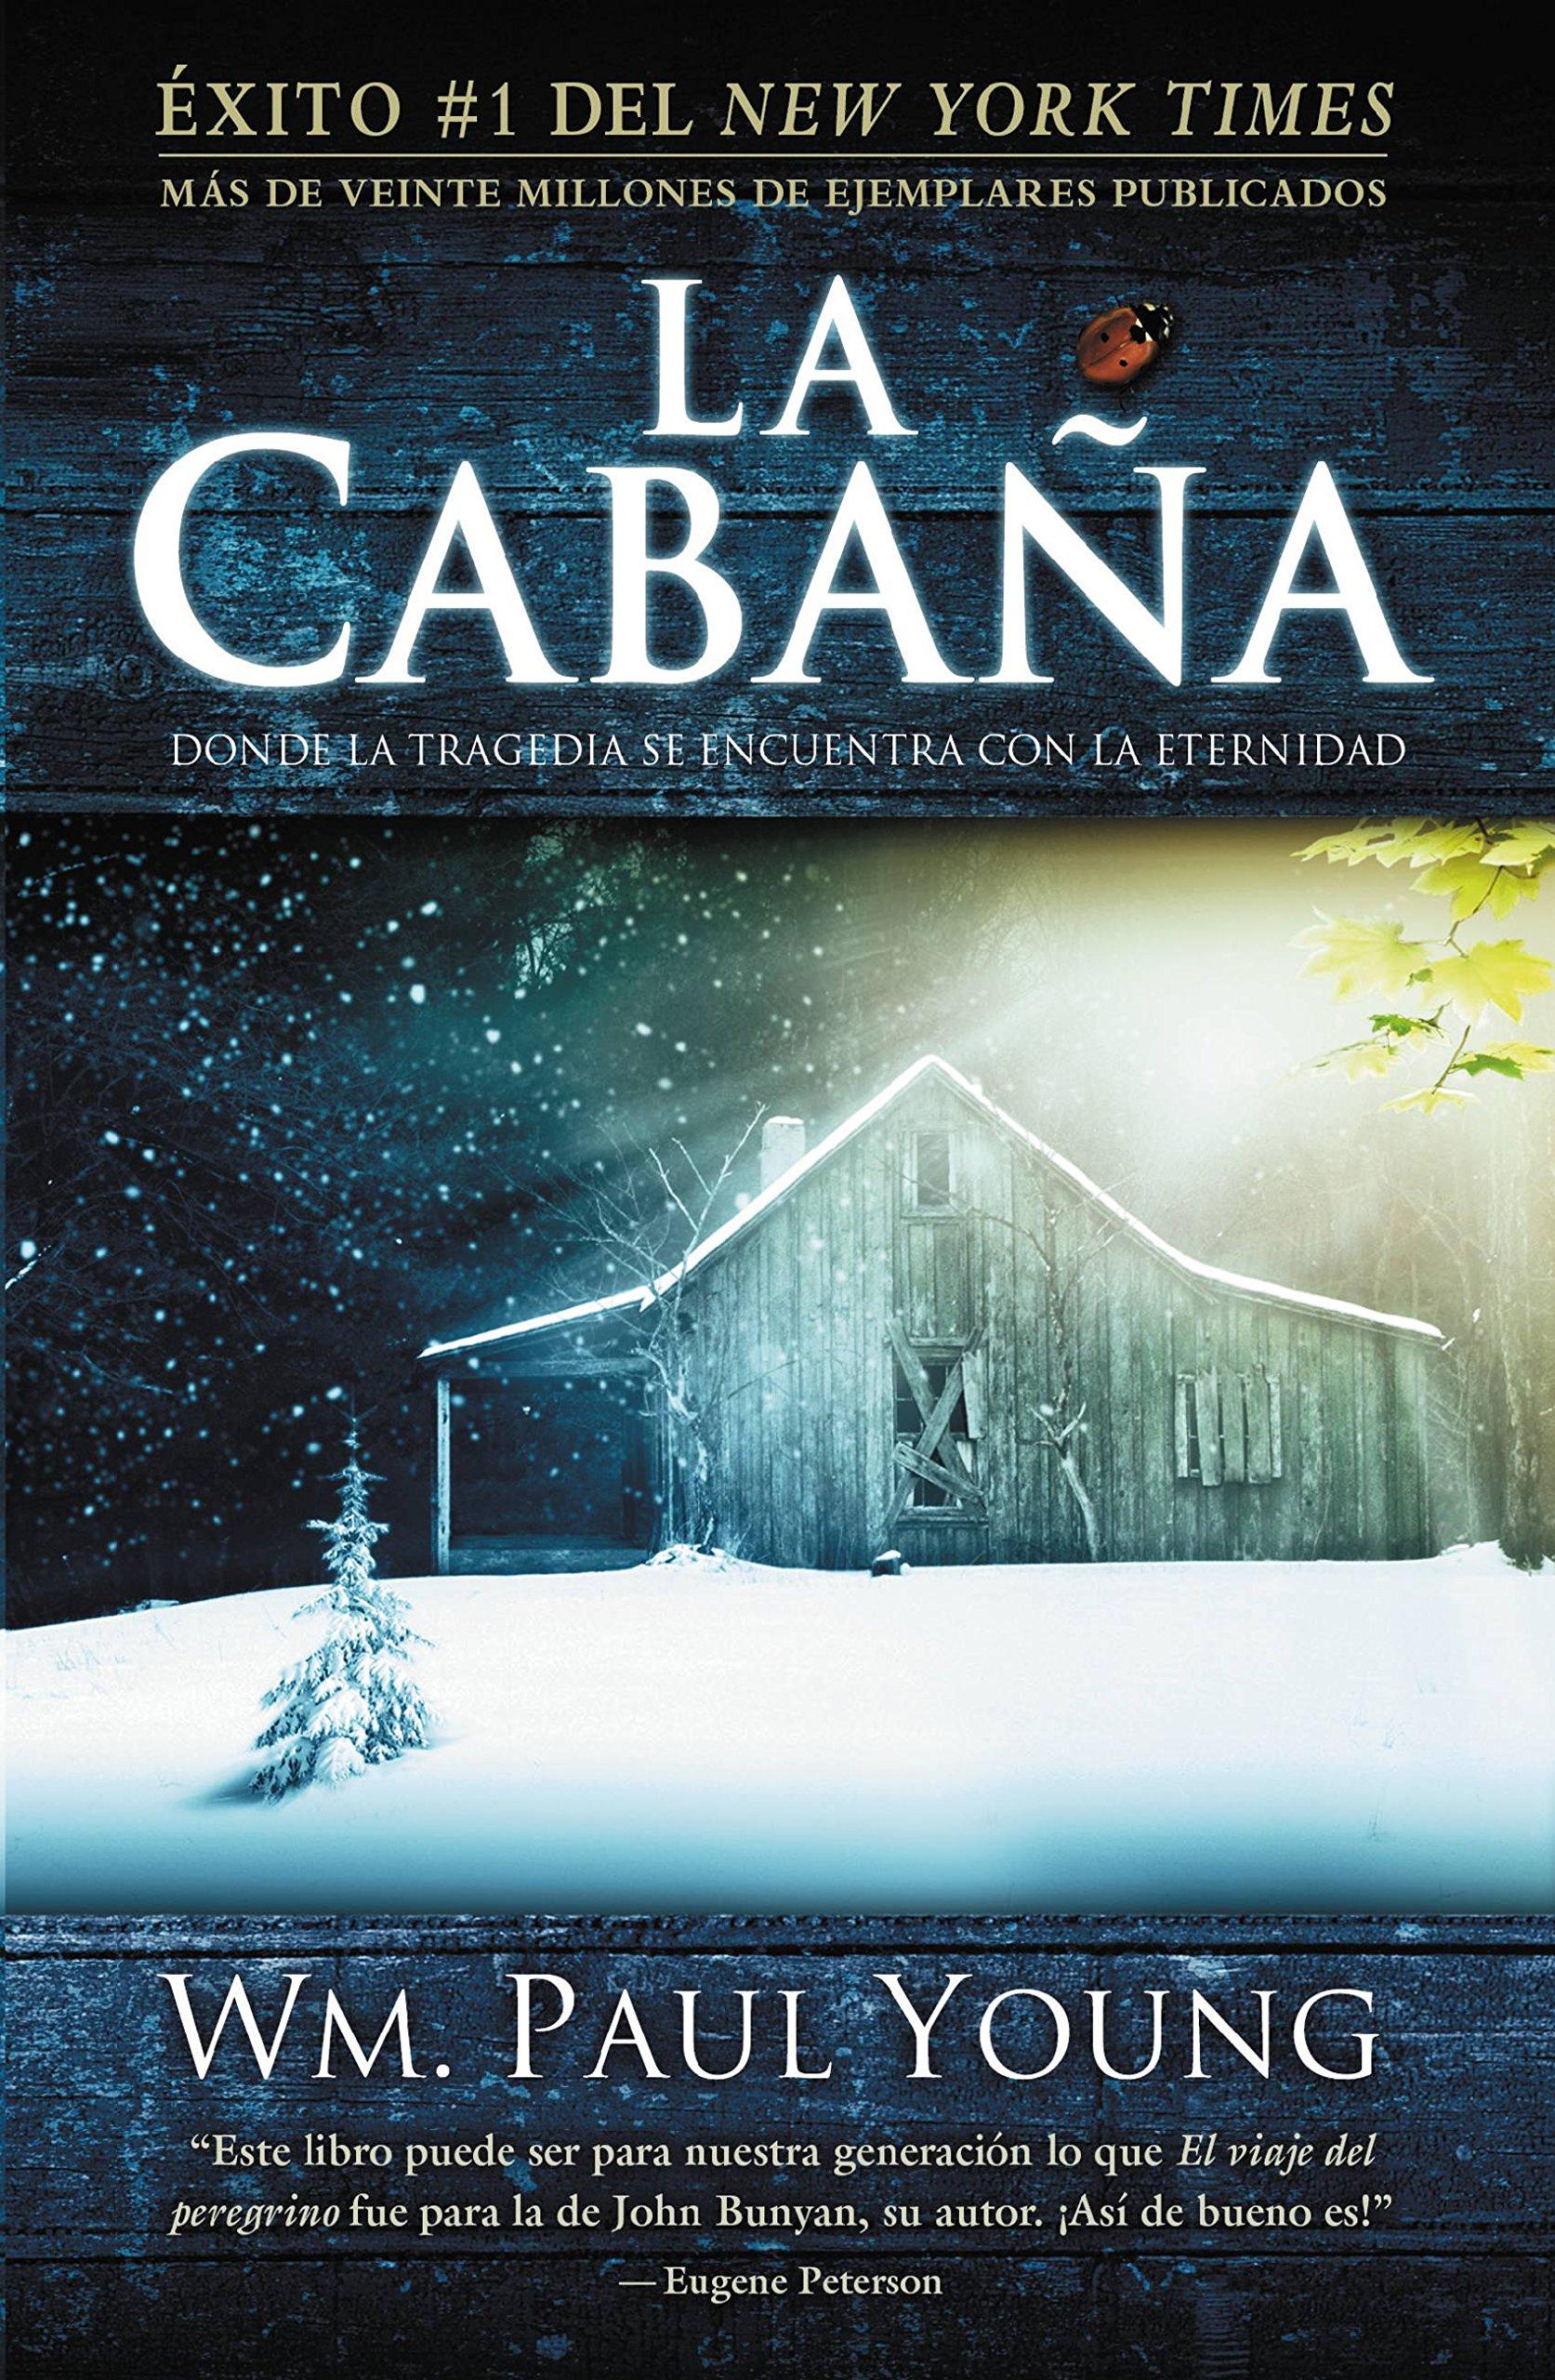 La Cabaña: Donde la Tragedia Se Encuentra Con la Eternidad (Spanish Edition) by FaithWords/Hachette Book Group